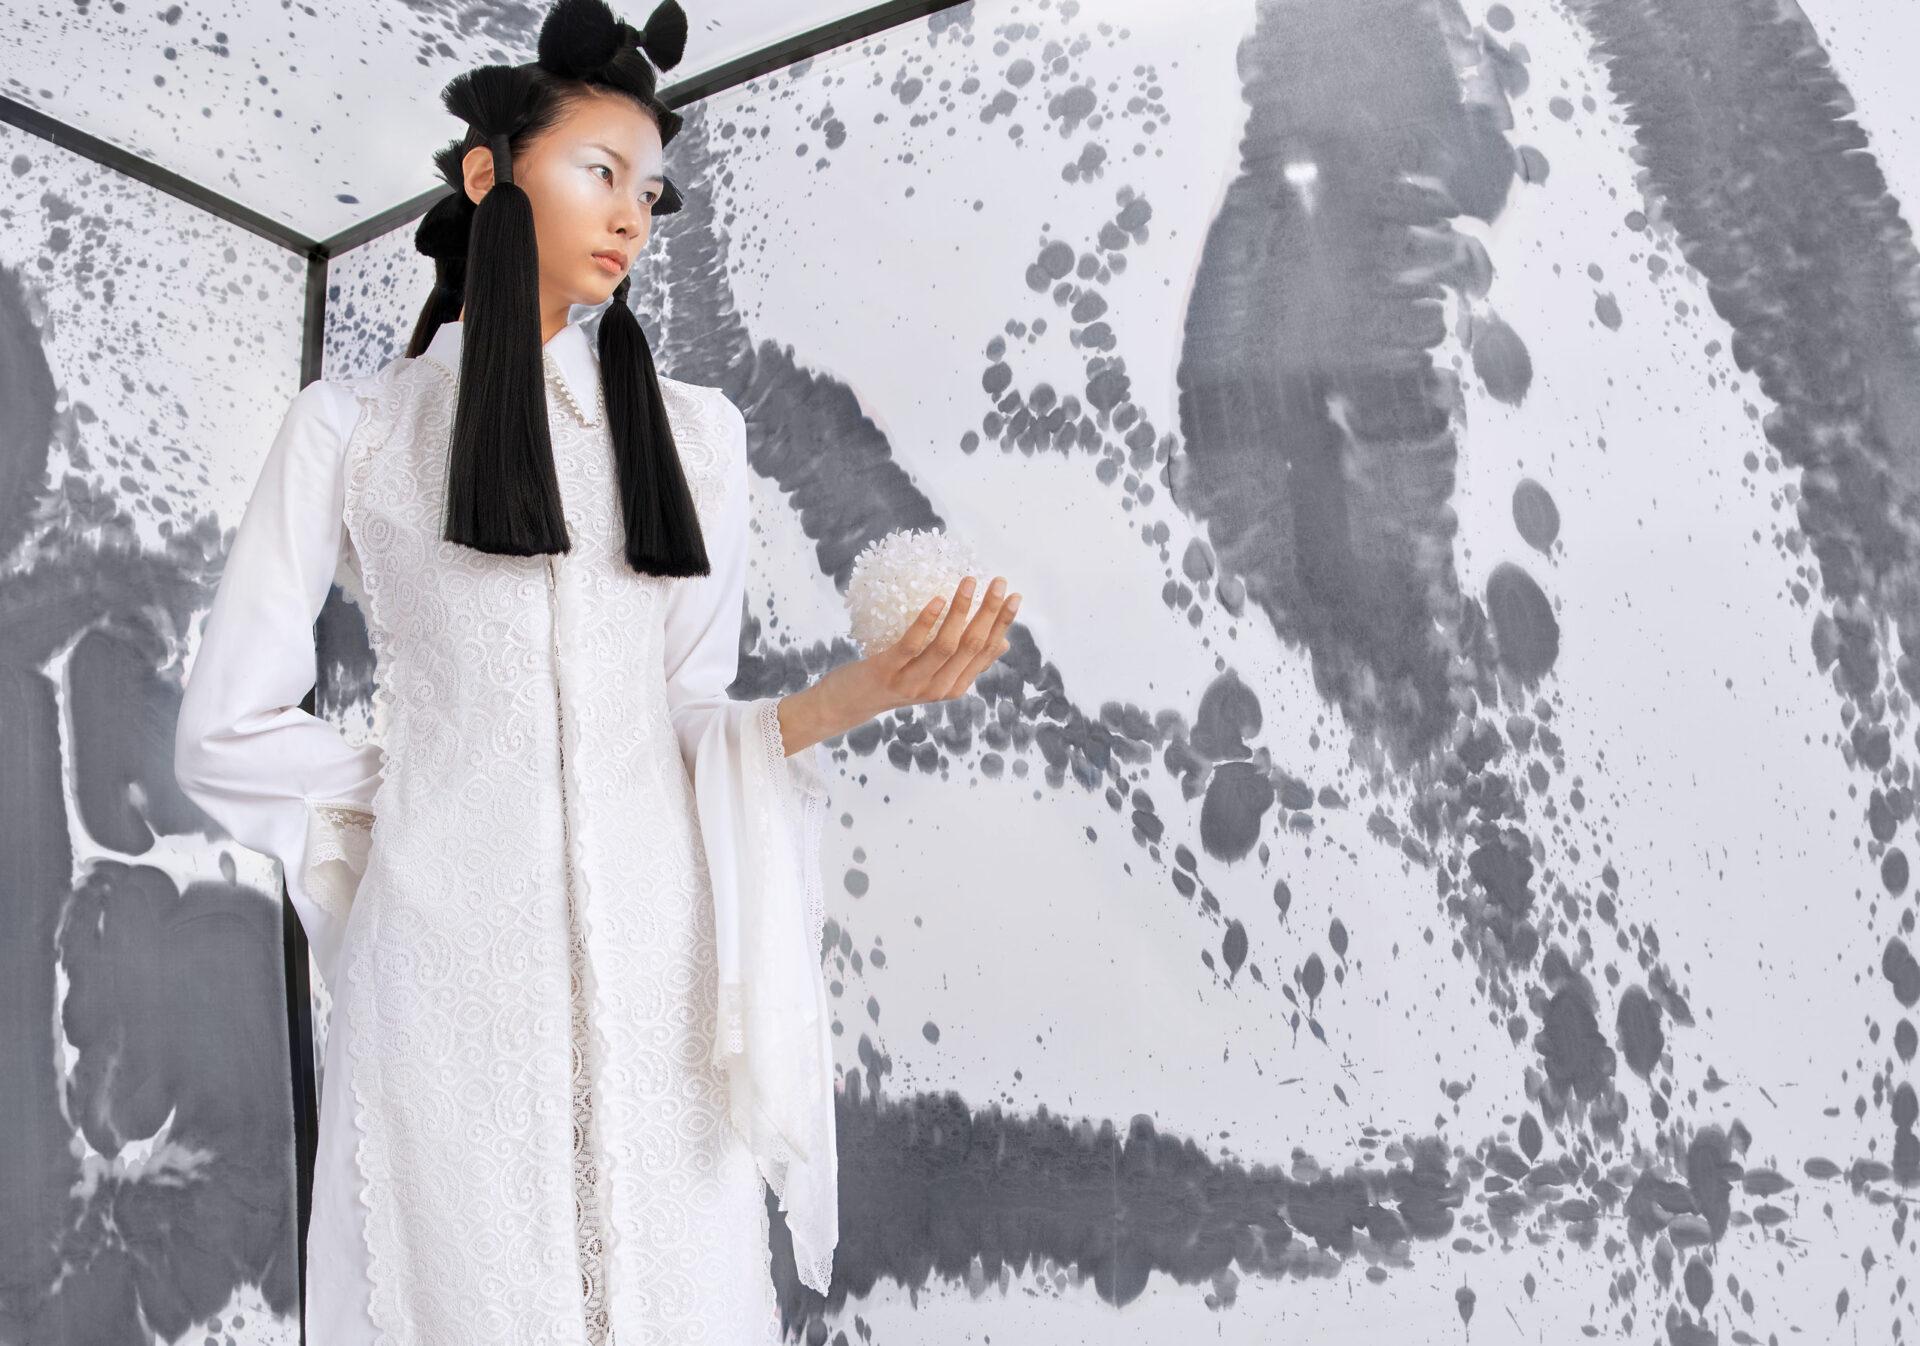 Editorial Keyi Magazine《Limit》by JianDong Deng with BoWen Guan. Make up by Hui Fan. Styling by Suki Xiao